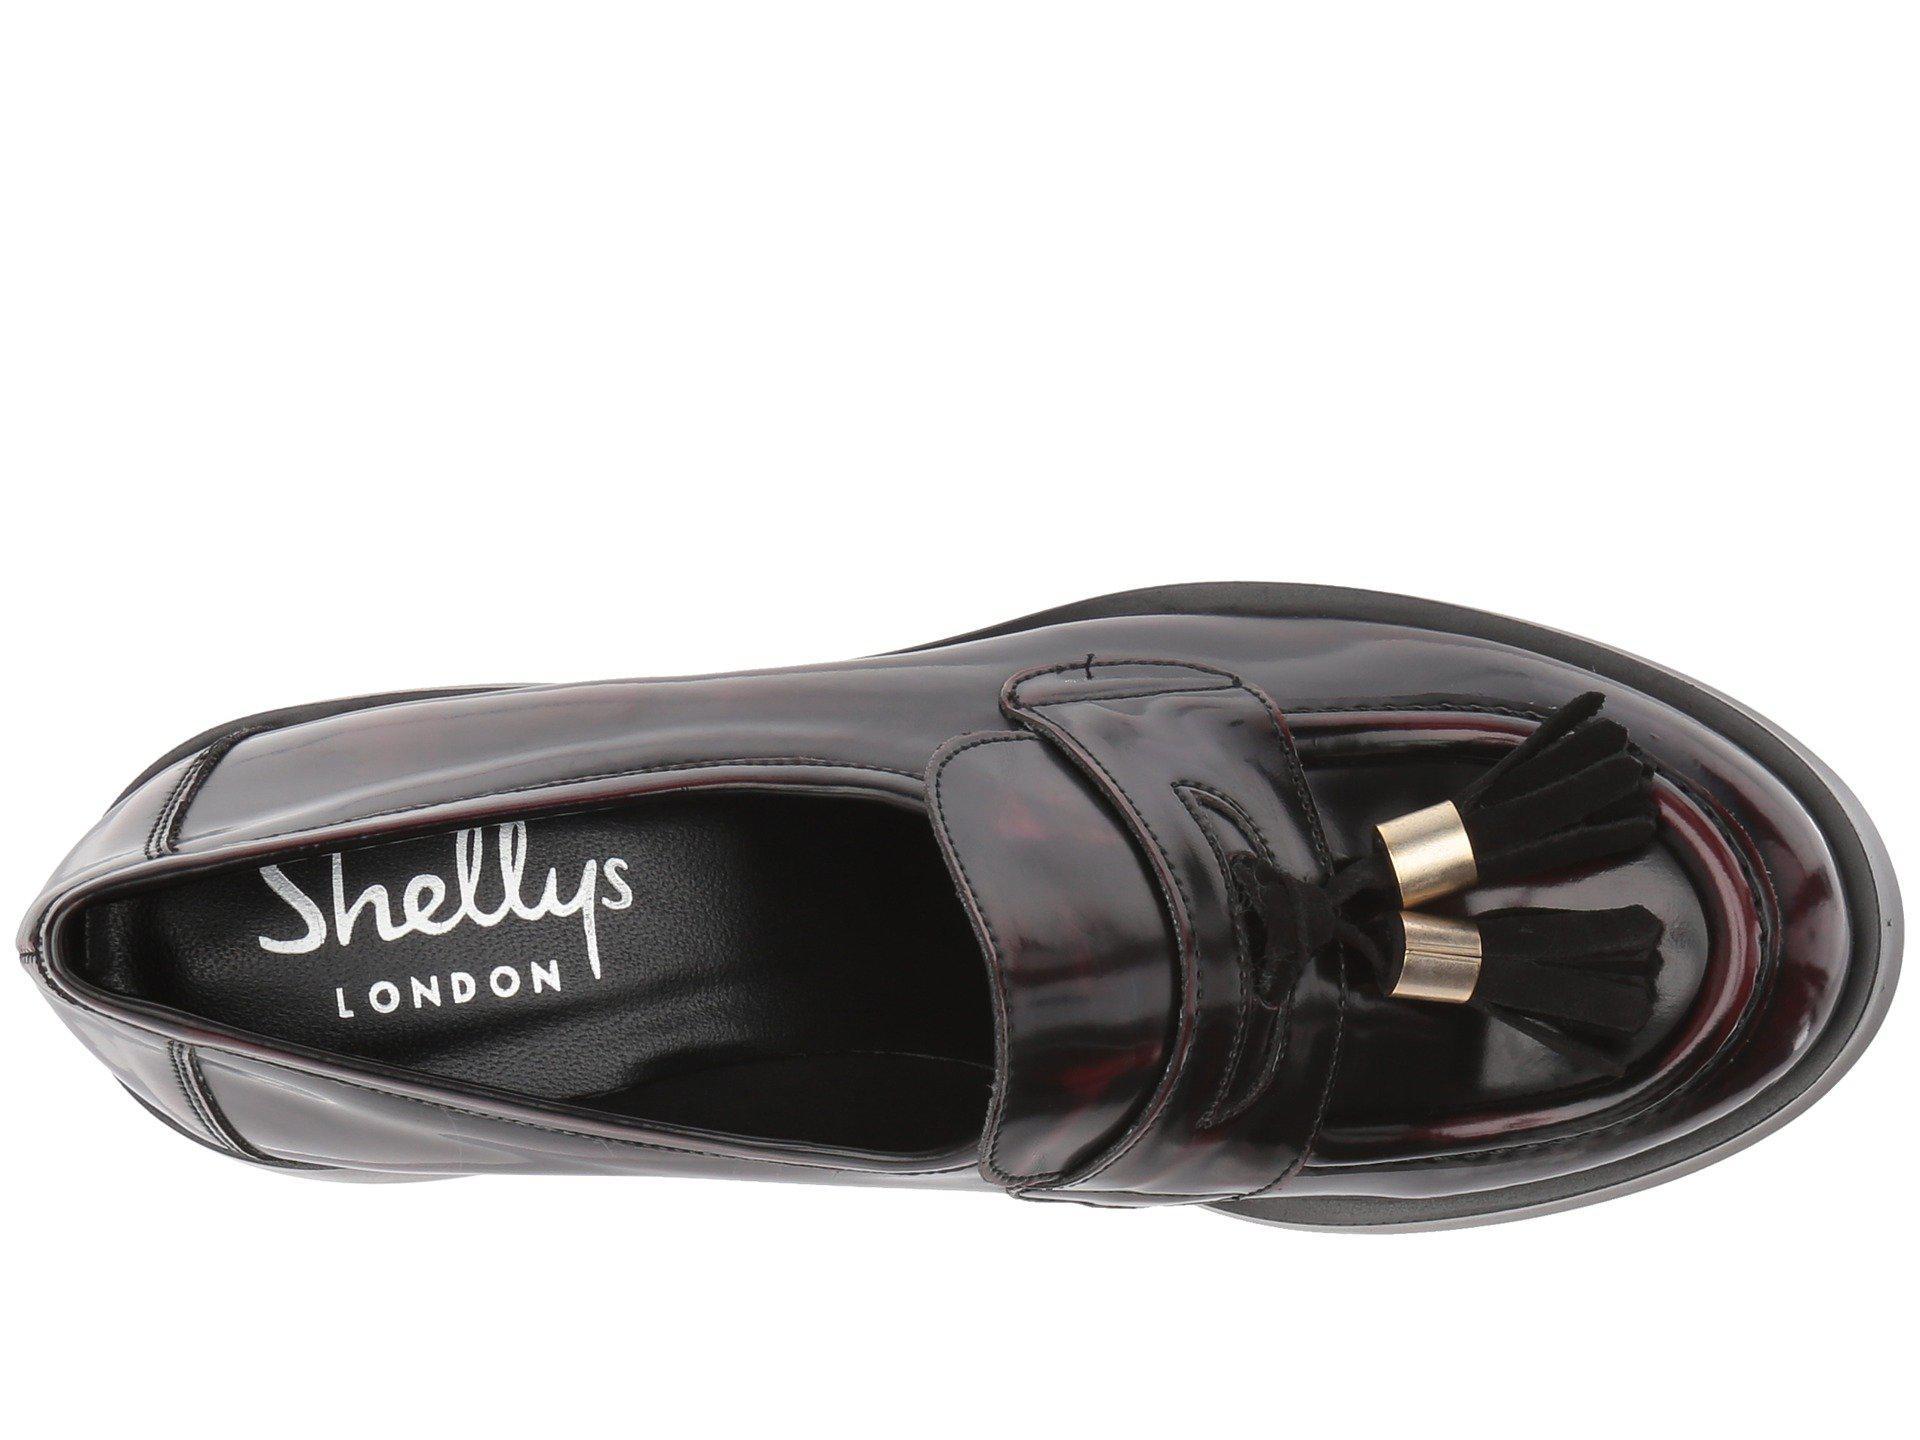 Shellys London Kipp platform loafer gIvgR